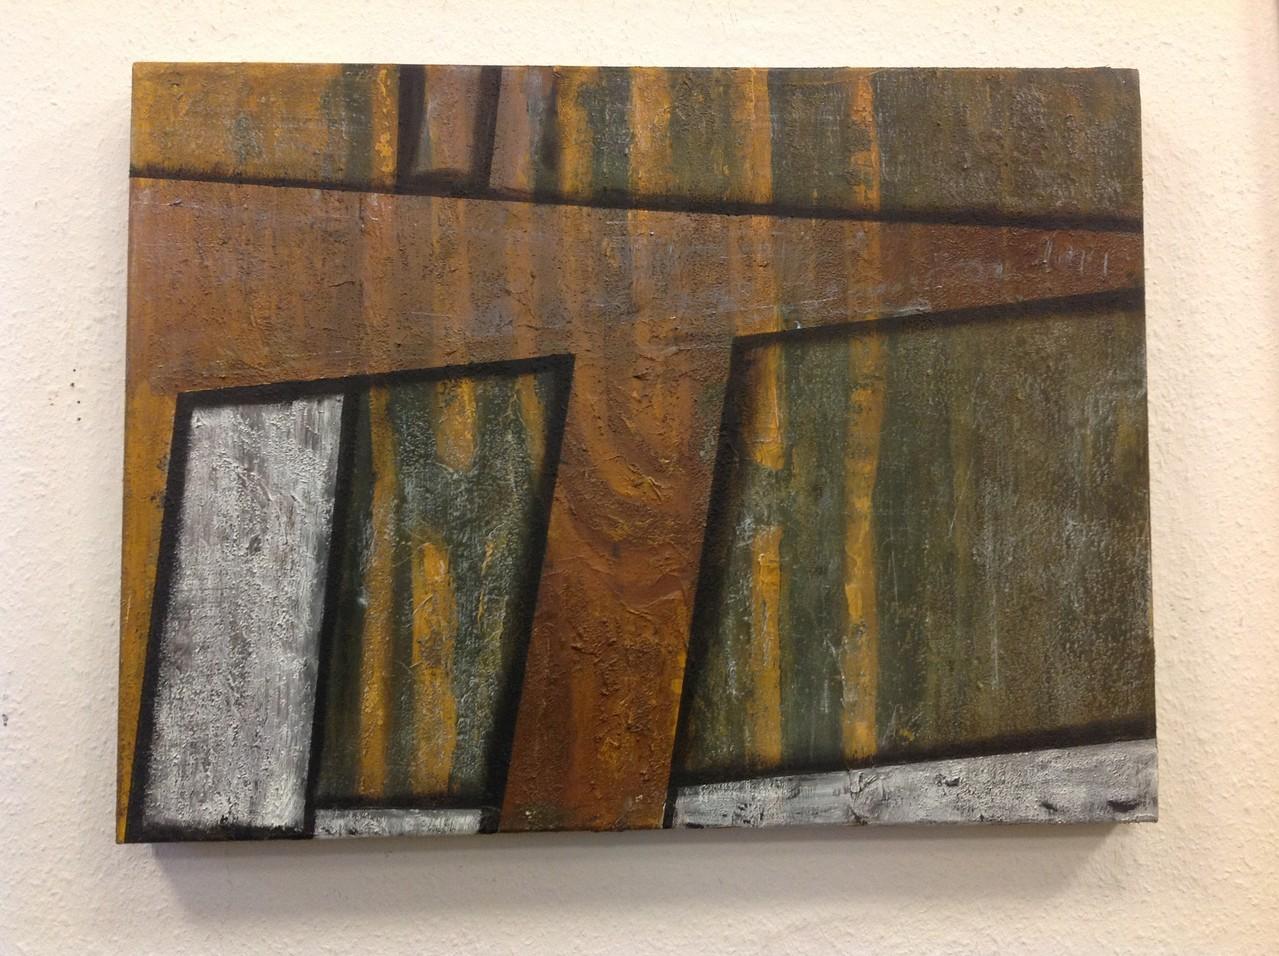 Dietmar Krause, Acryl und Flüssigmetall, teils oxidiert auf Leinwand, 60 x 80cm